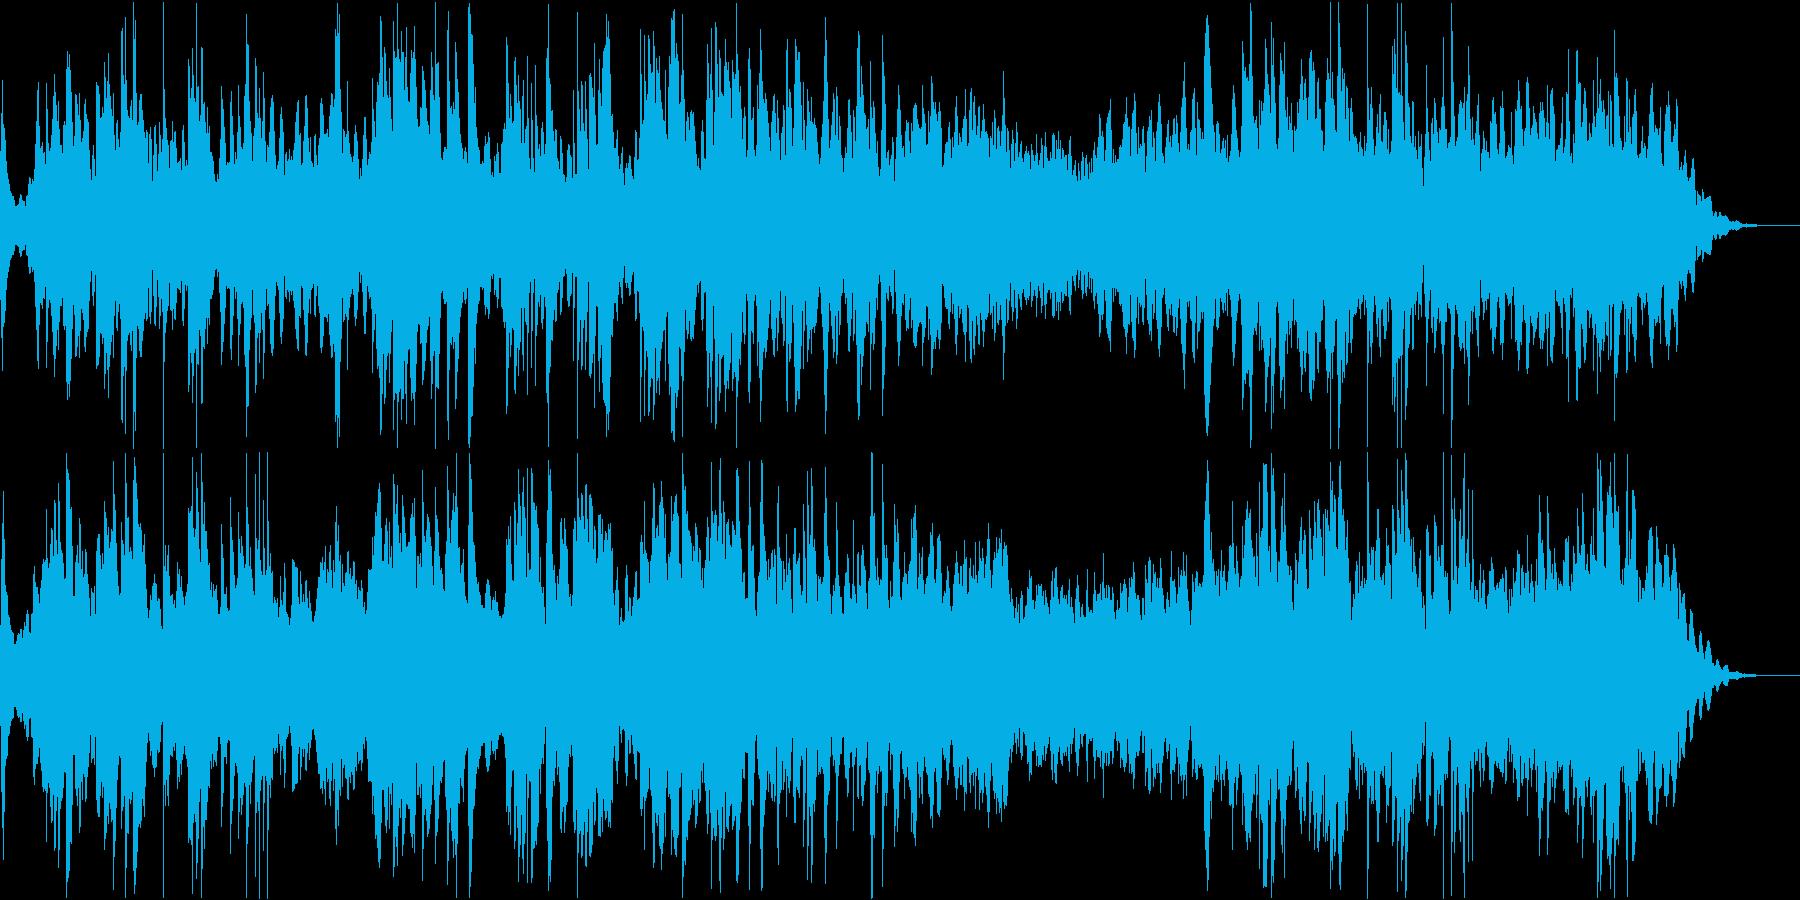 癒しのソルフェジオ周波数によるピアノ曲の再生済みの波形